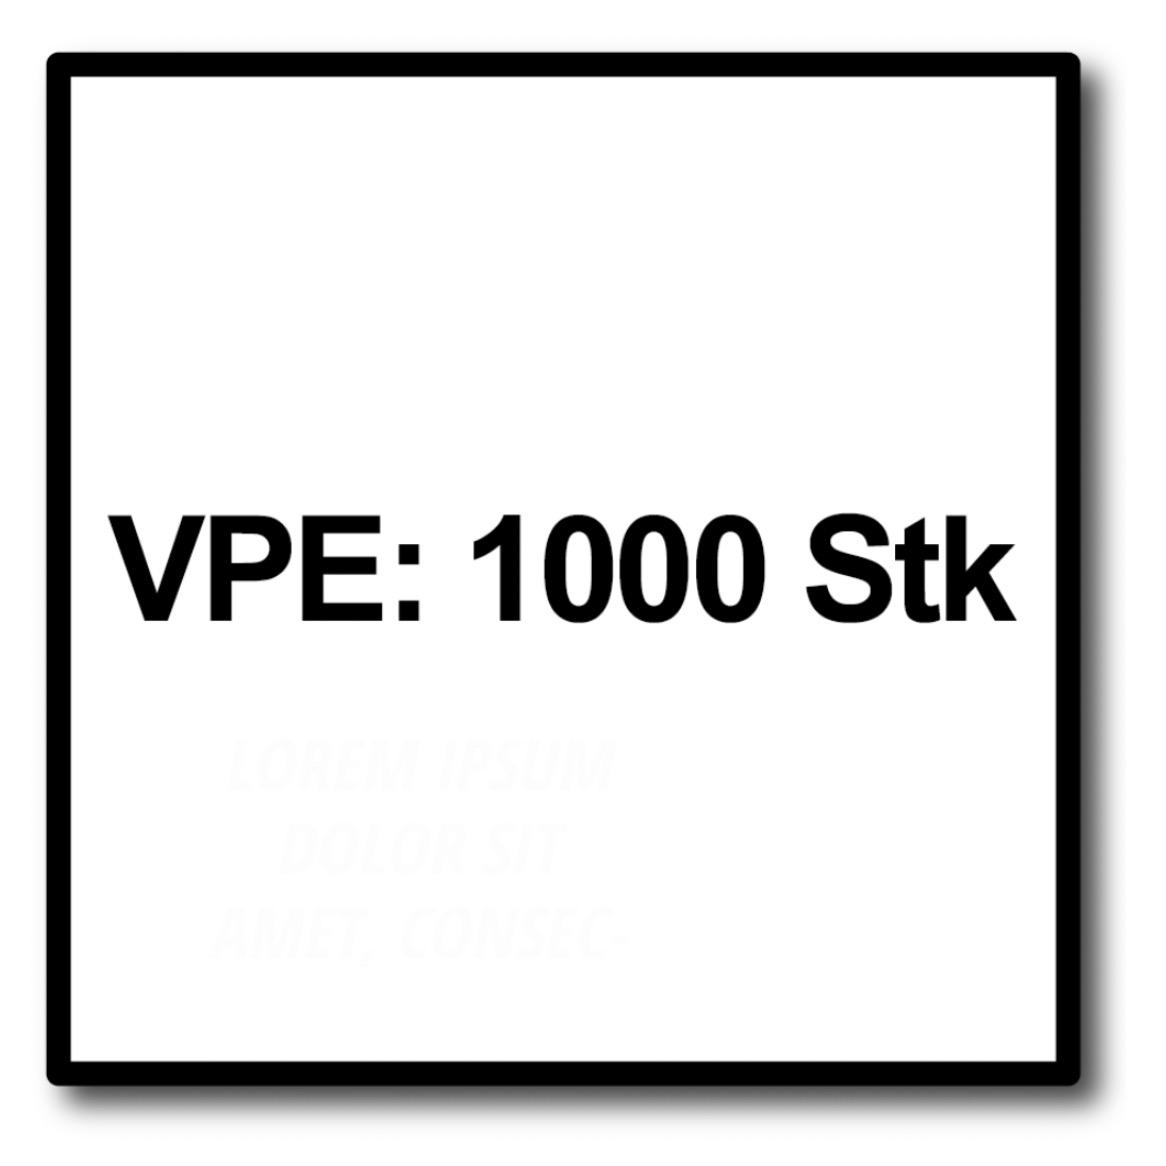 Teilgewinde WIROX SPAX Universalschraube Ø 6,0 mm T-STAR plus 4CUT Senkkopf